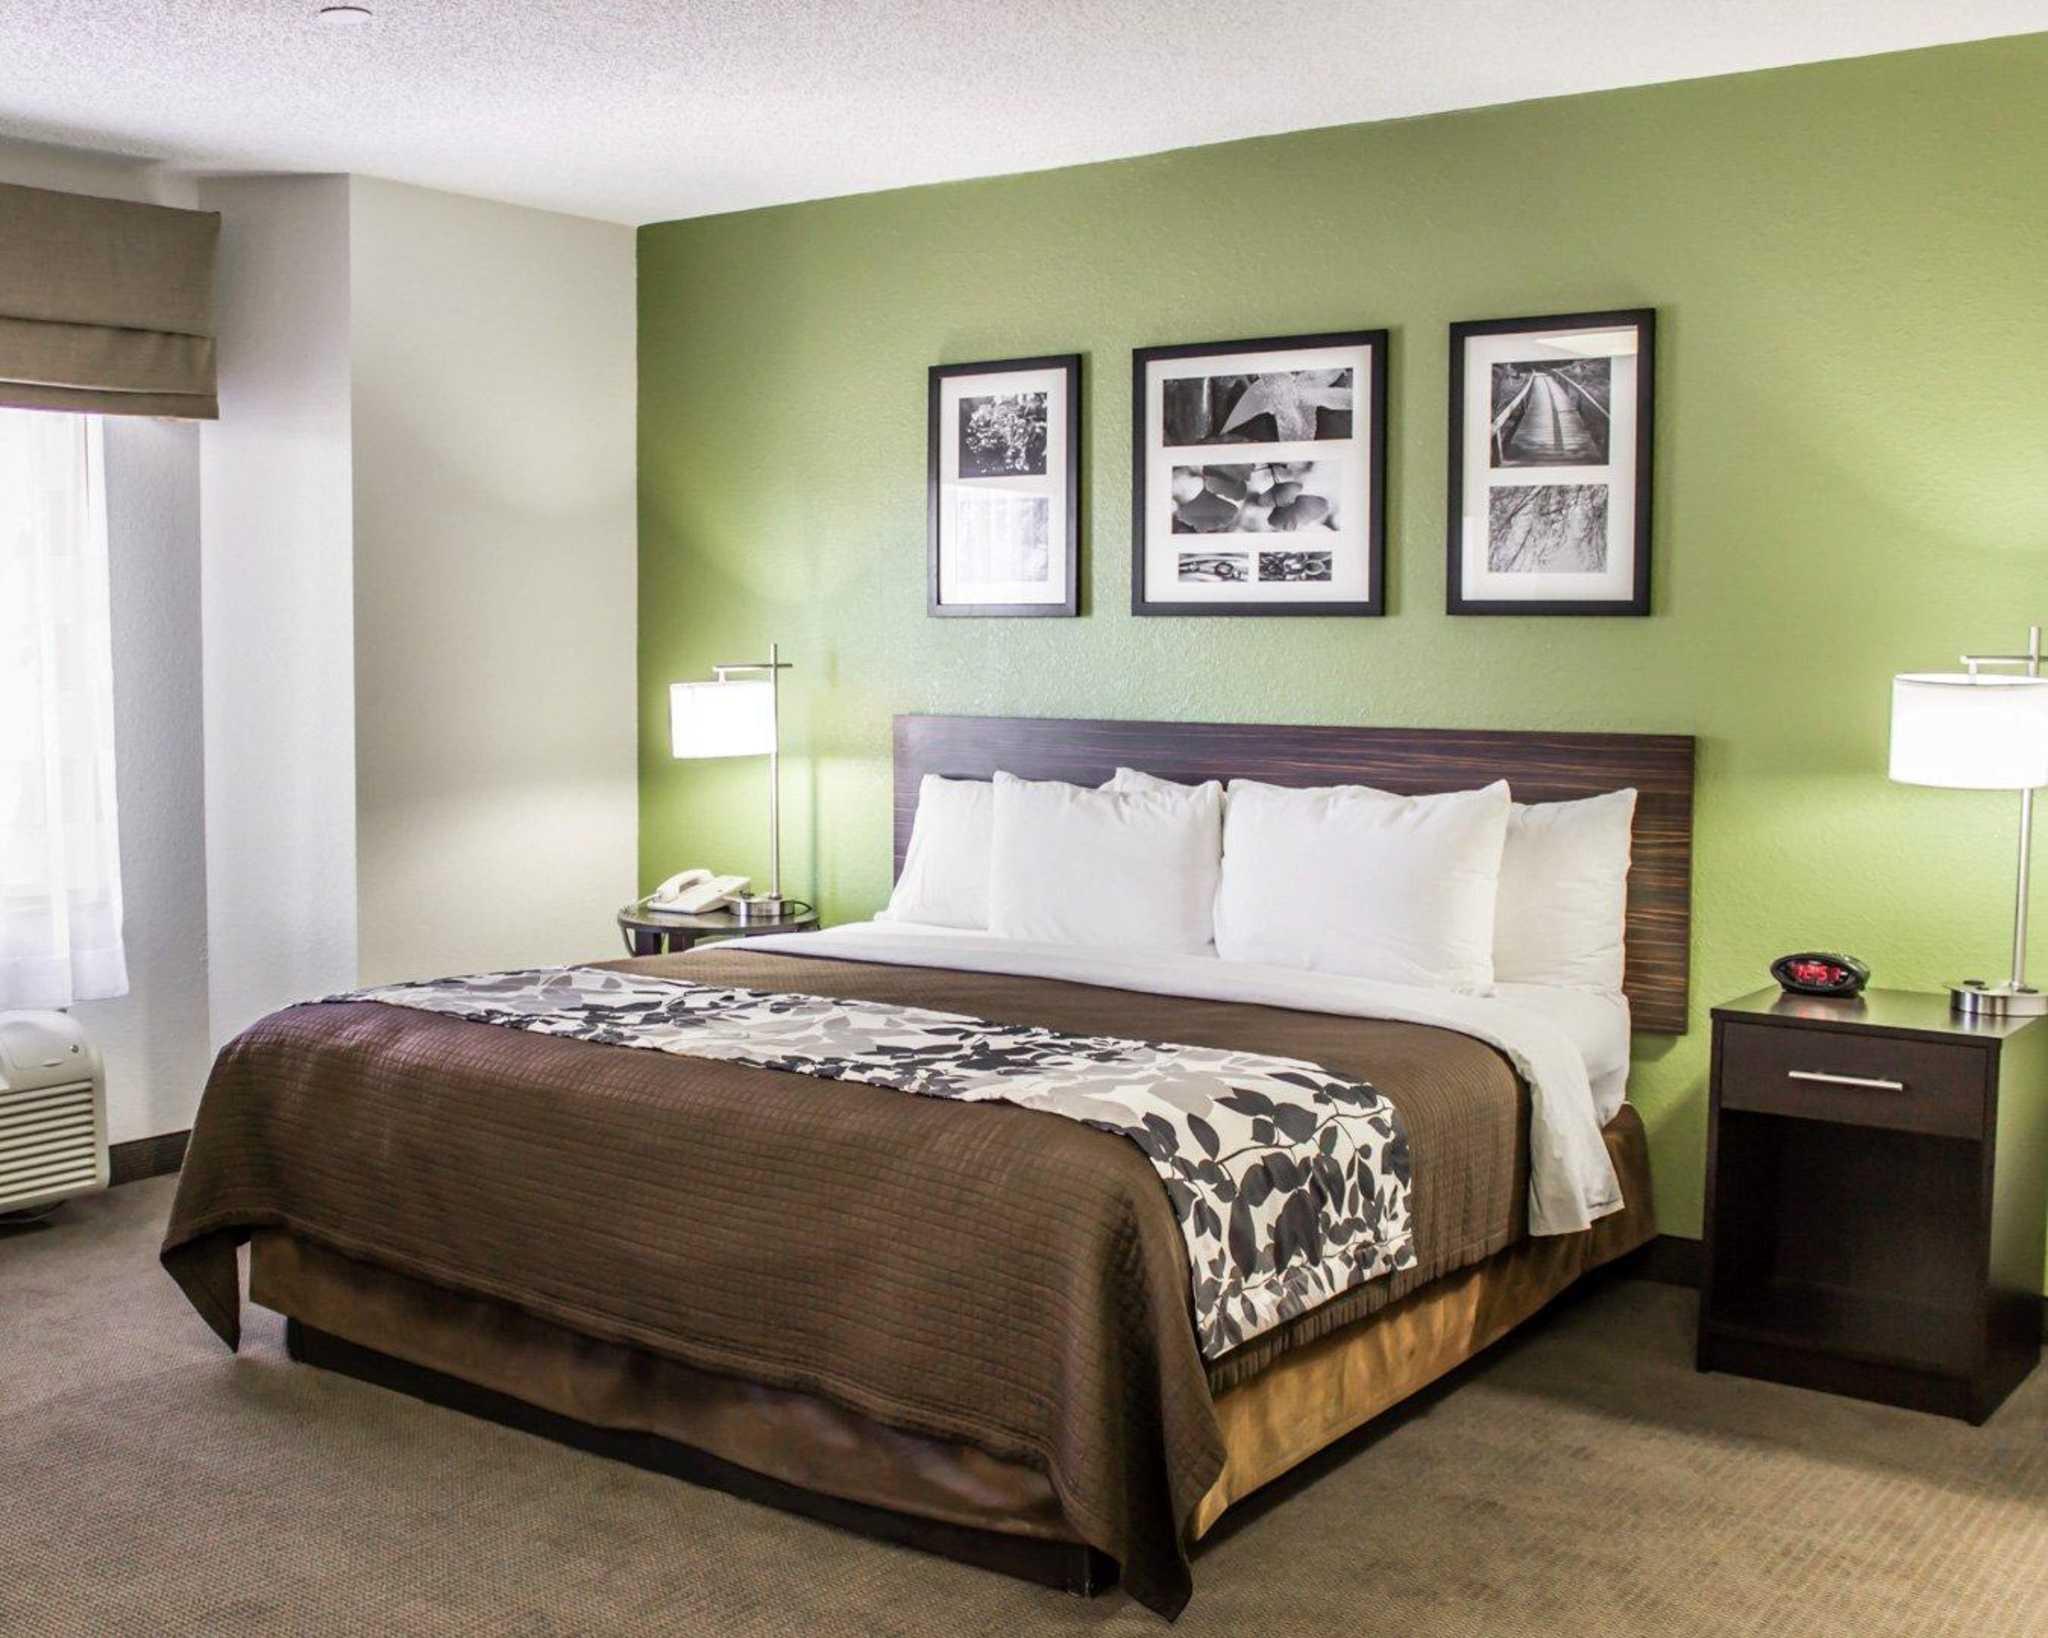 Sleep Inn image 29